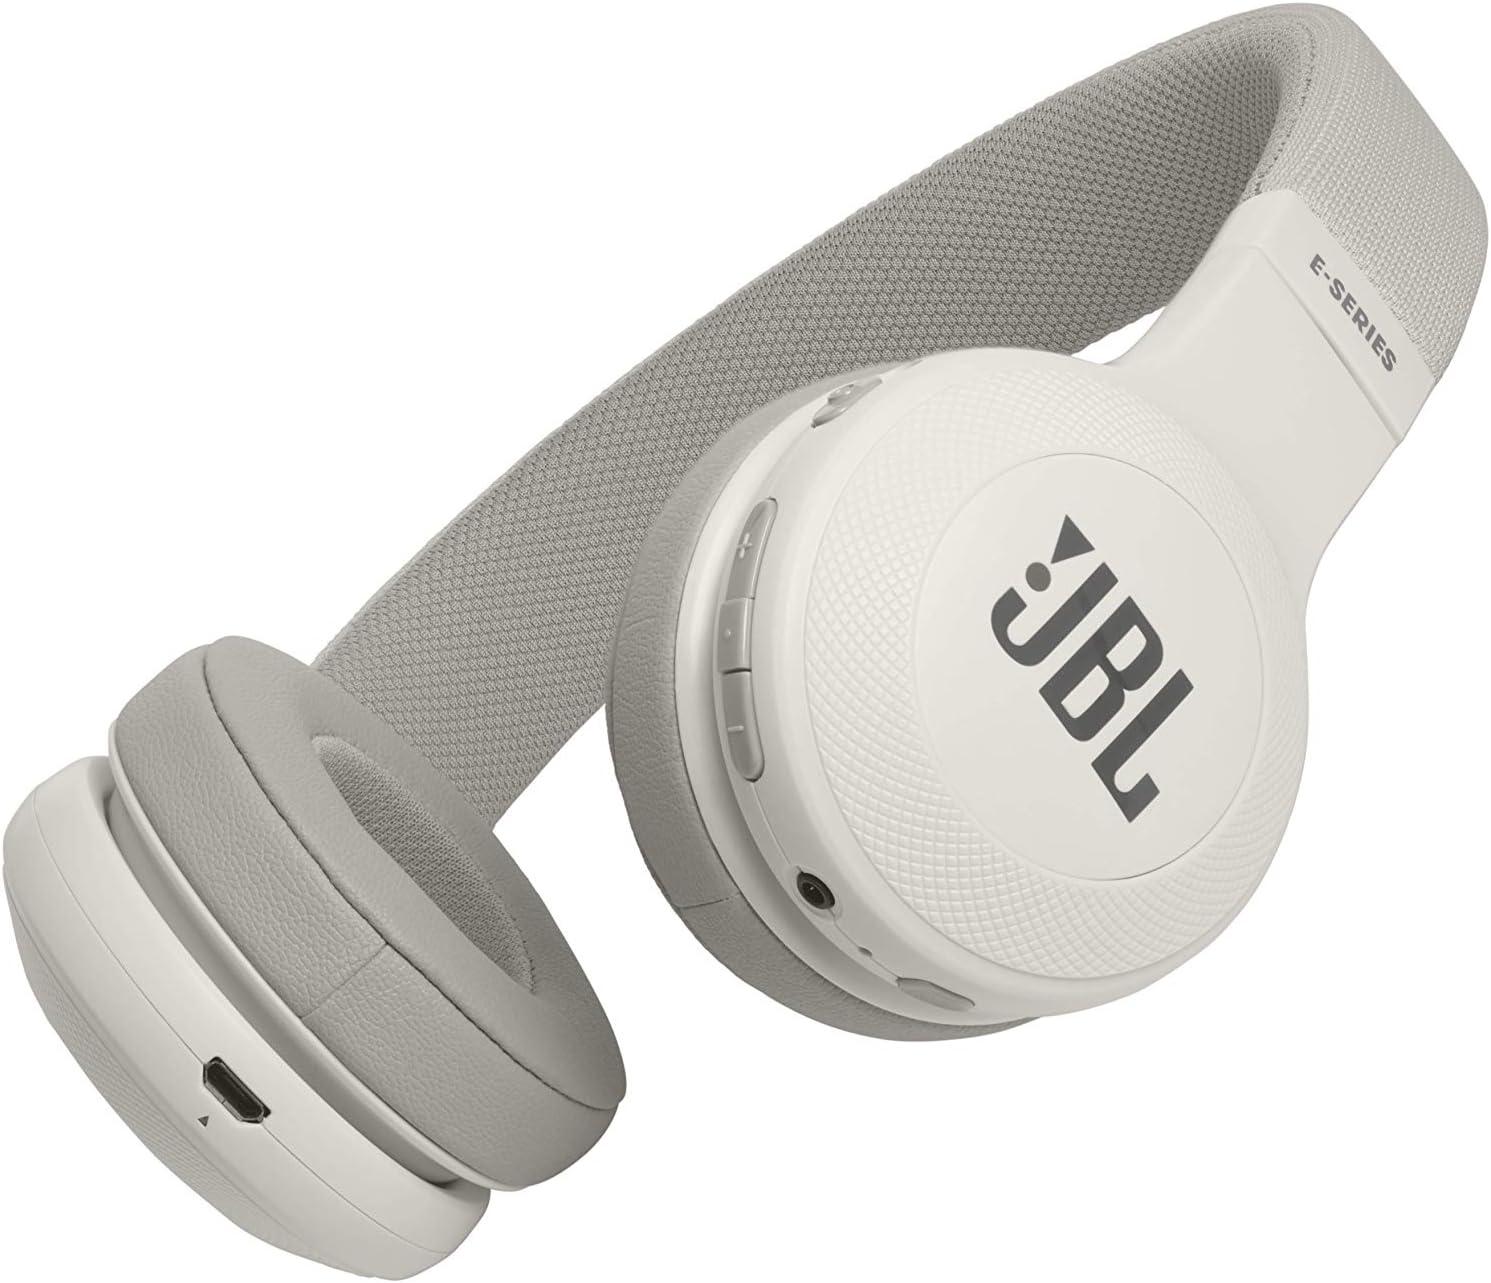 JBL E45BT - Auriculares supraaurales inalámbricos, plegable, incluye cable de tela con universal de 1 botón de mando a distancia con micrófono integrado, blanco